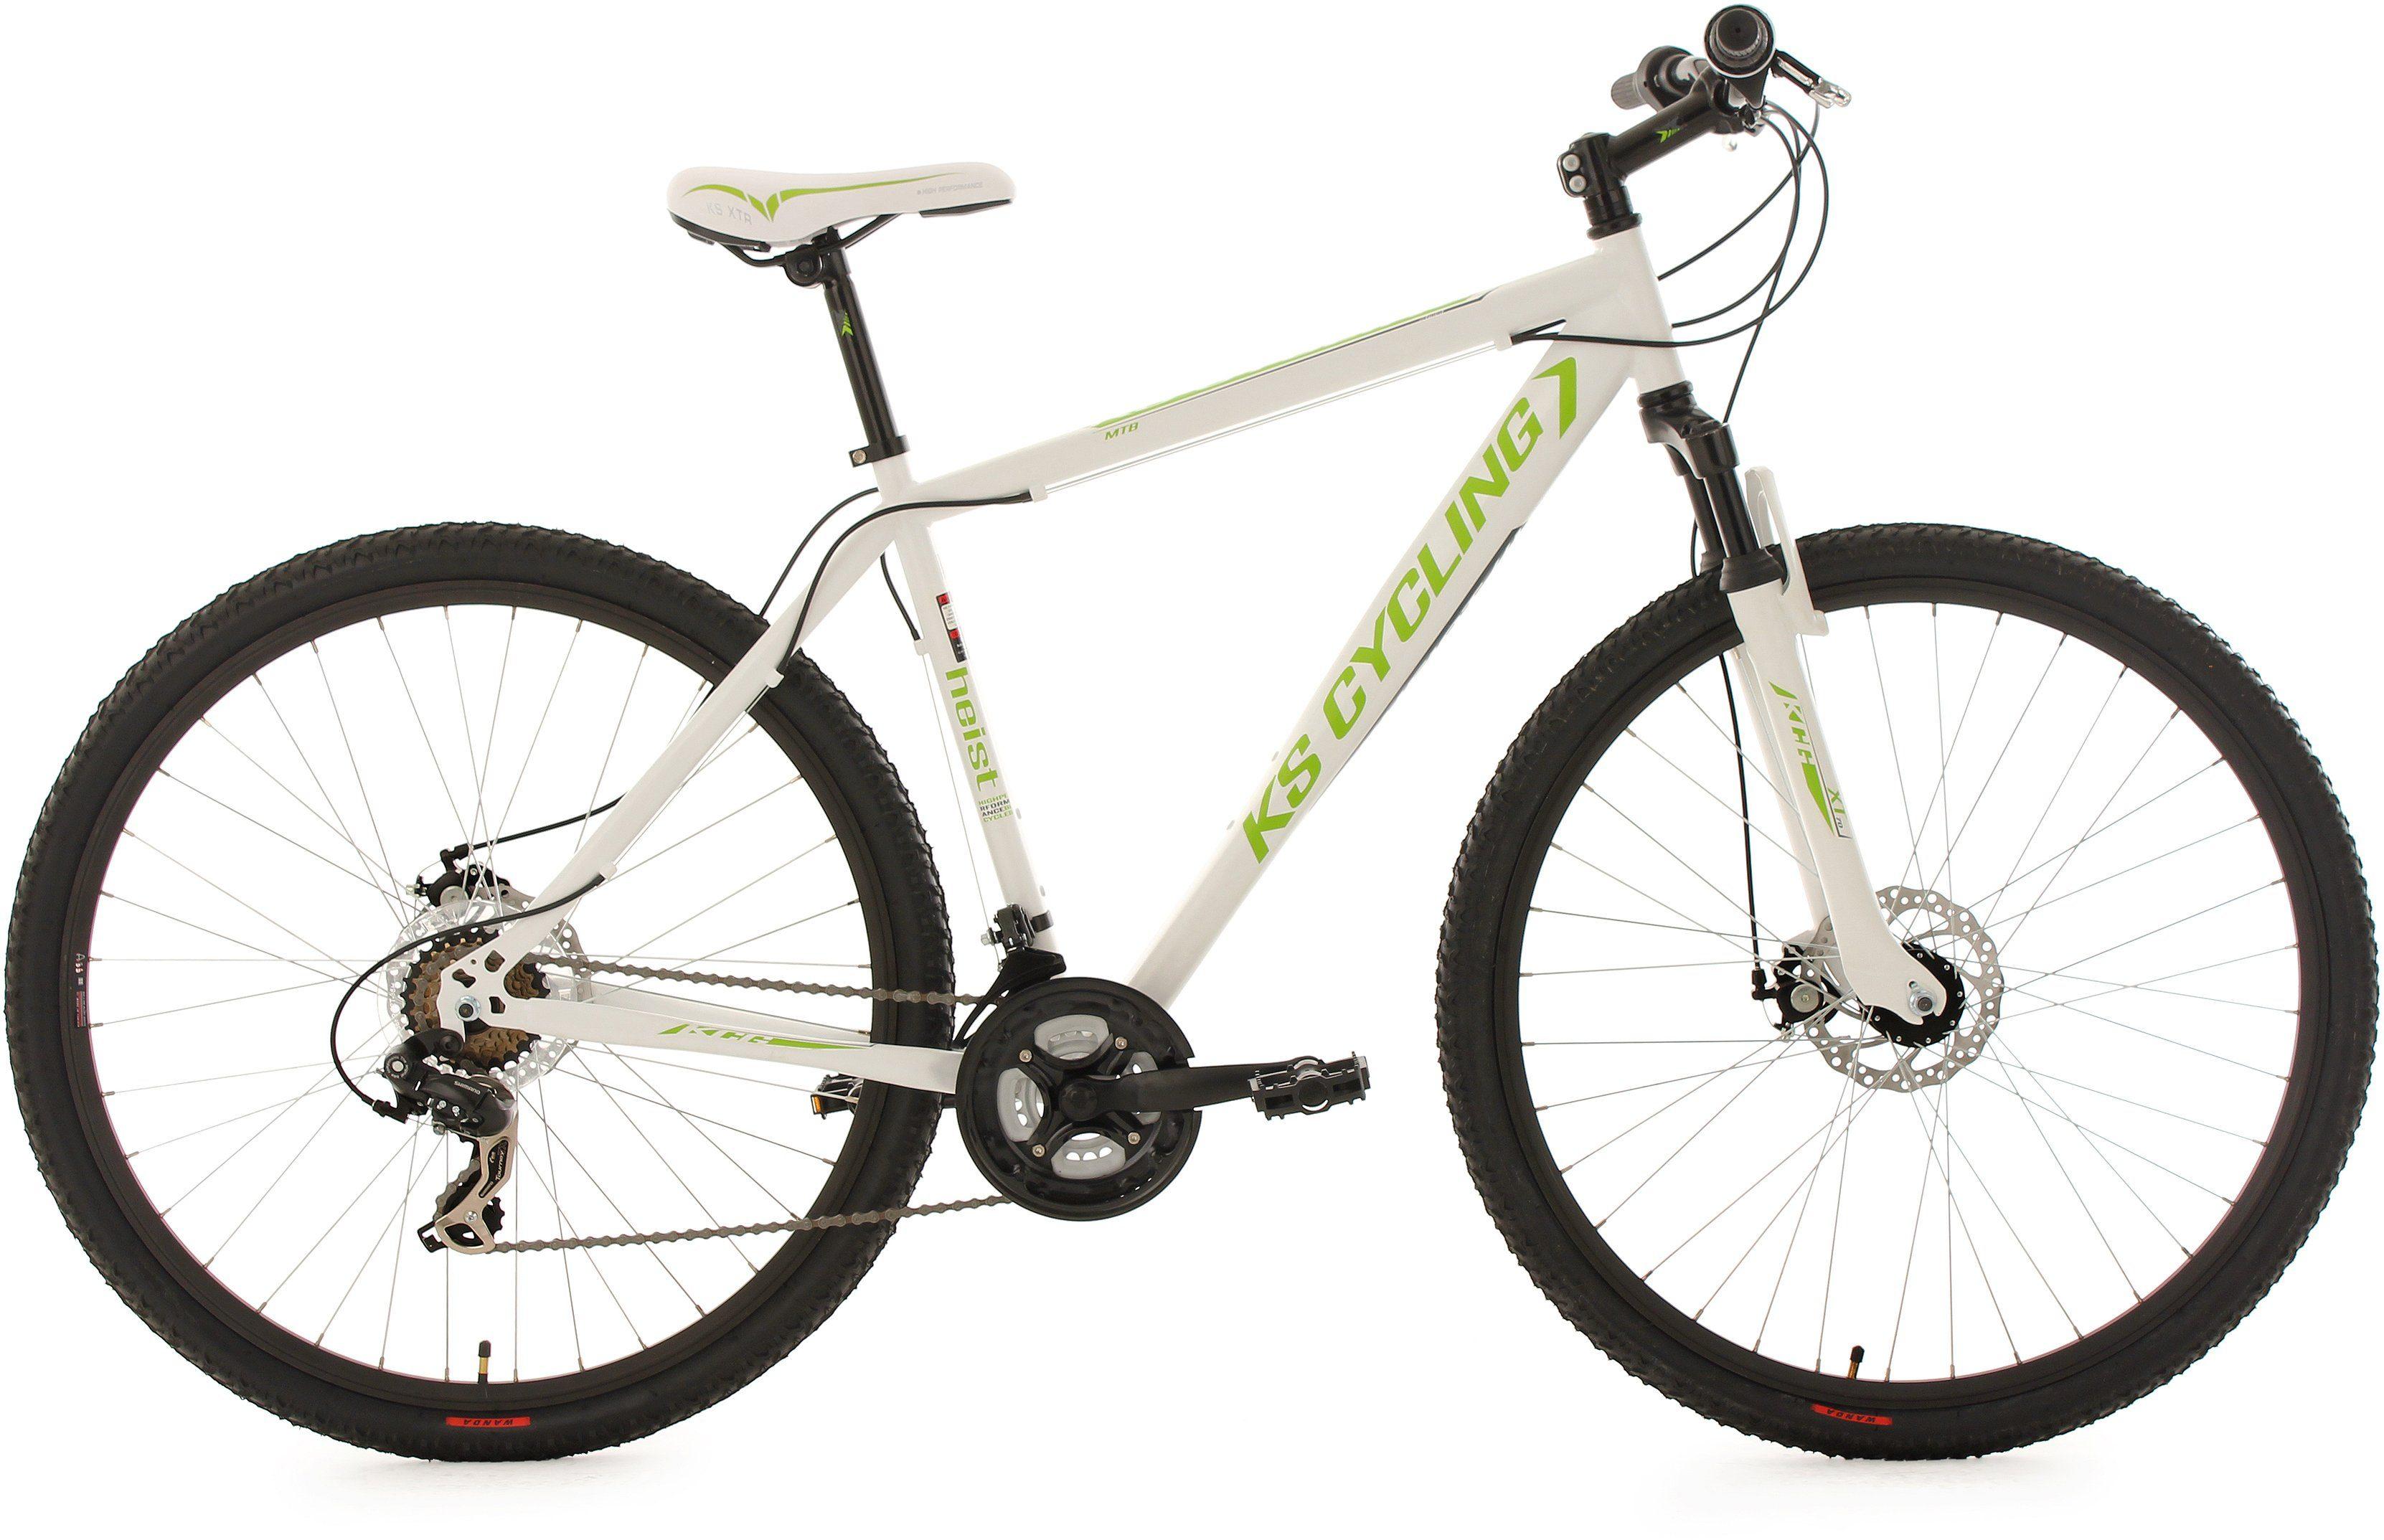 KS Cycling Hardtail-MTB, 29 Zoll, 21 Gang-Shimano Tourney-Kettenschaltung, weiß-grün, »Heist«